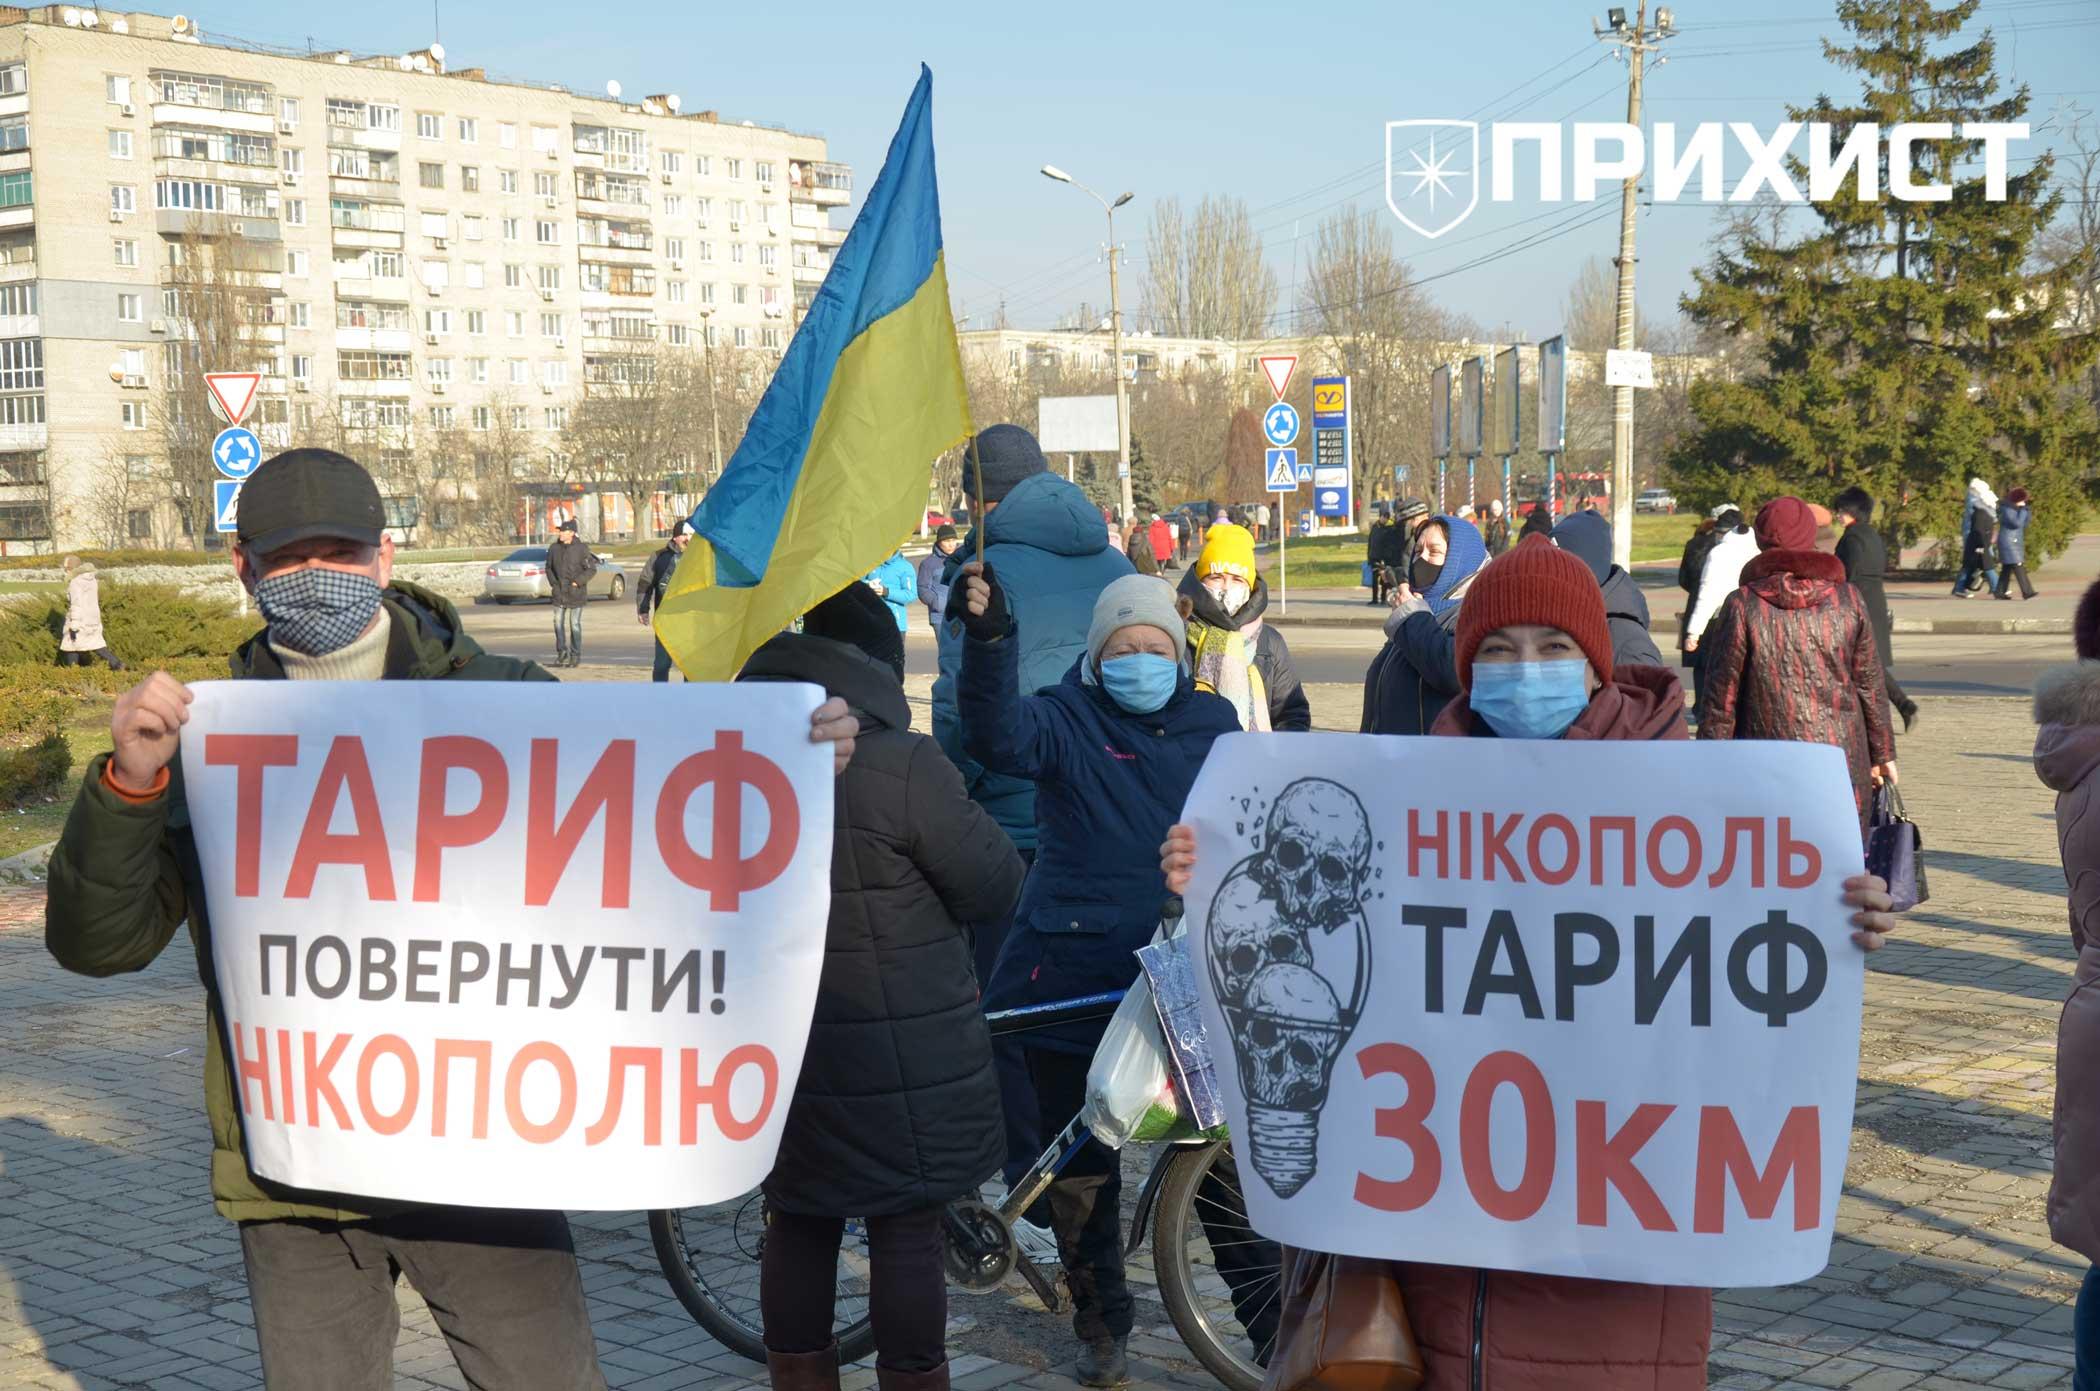 Акция протеста по отмене льгот на электроэнергию: запись прямого эфира | Прихист